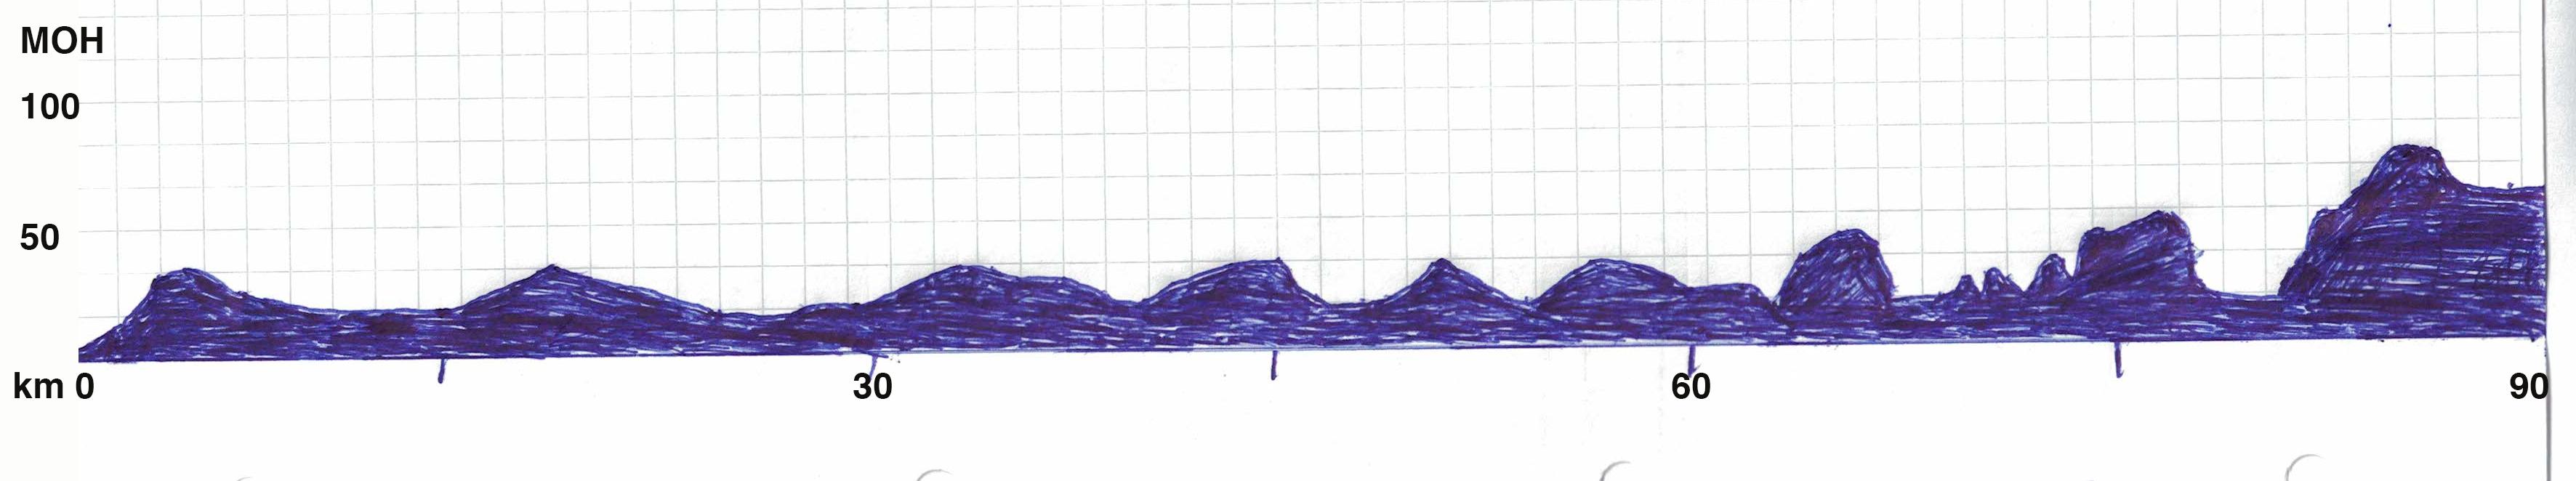 Løypeprofil sykkel halvdistanse. Tre ruter er 50 m oh. Høyeste punkt er 75m oh